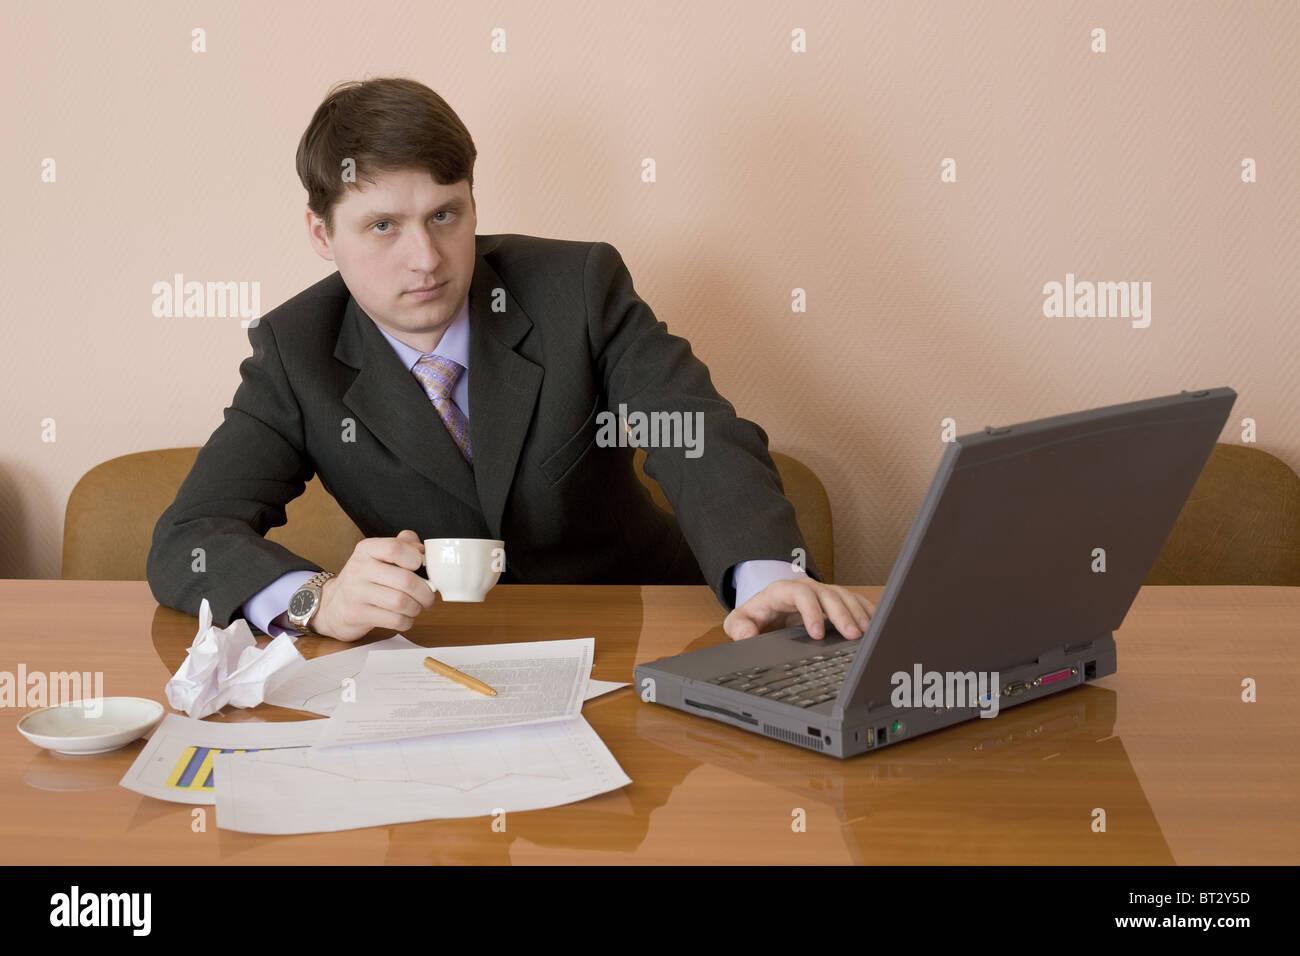 Geschäftsmann auf einen Arbeitsplatz mit Laptop und eine Kaffeetasse Stockfoto